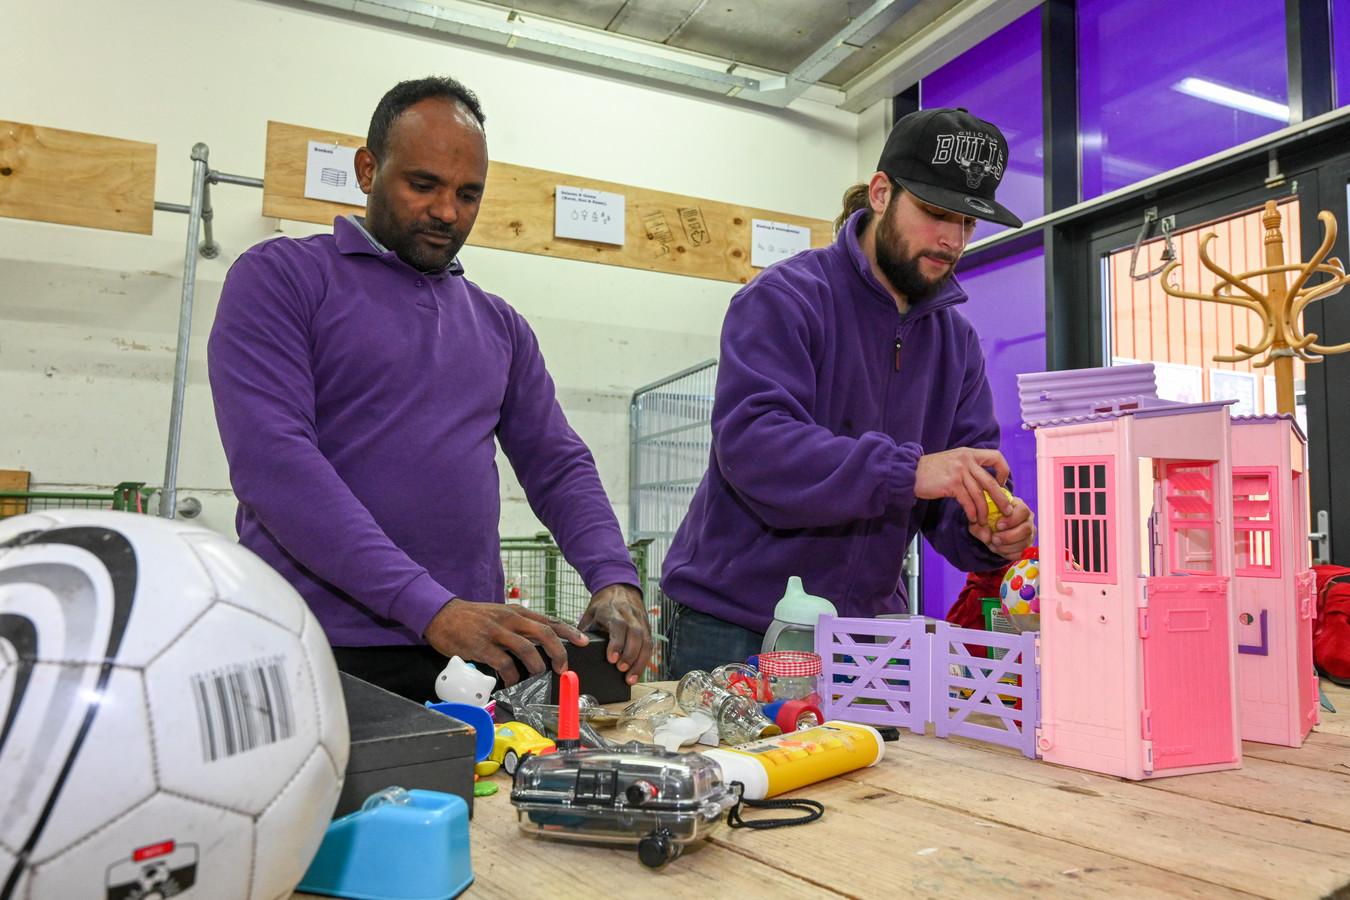 Bij Het Goed in Harderwijk zoeken Gere Mebrhtu (links) en Rene Bruin de nieuw binnengebrachte spullen uit. Er zit veel kinderspeelgoed bij.